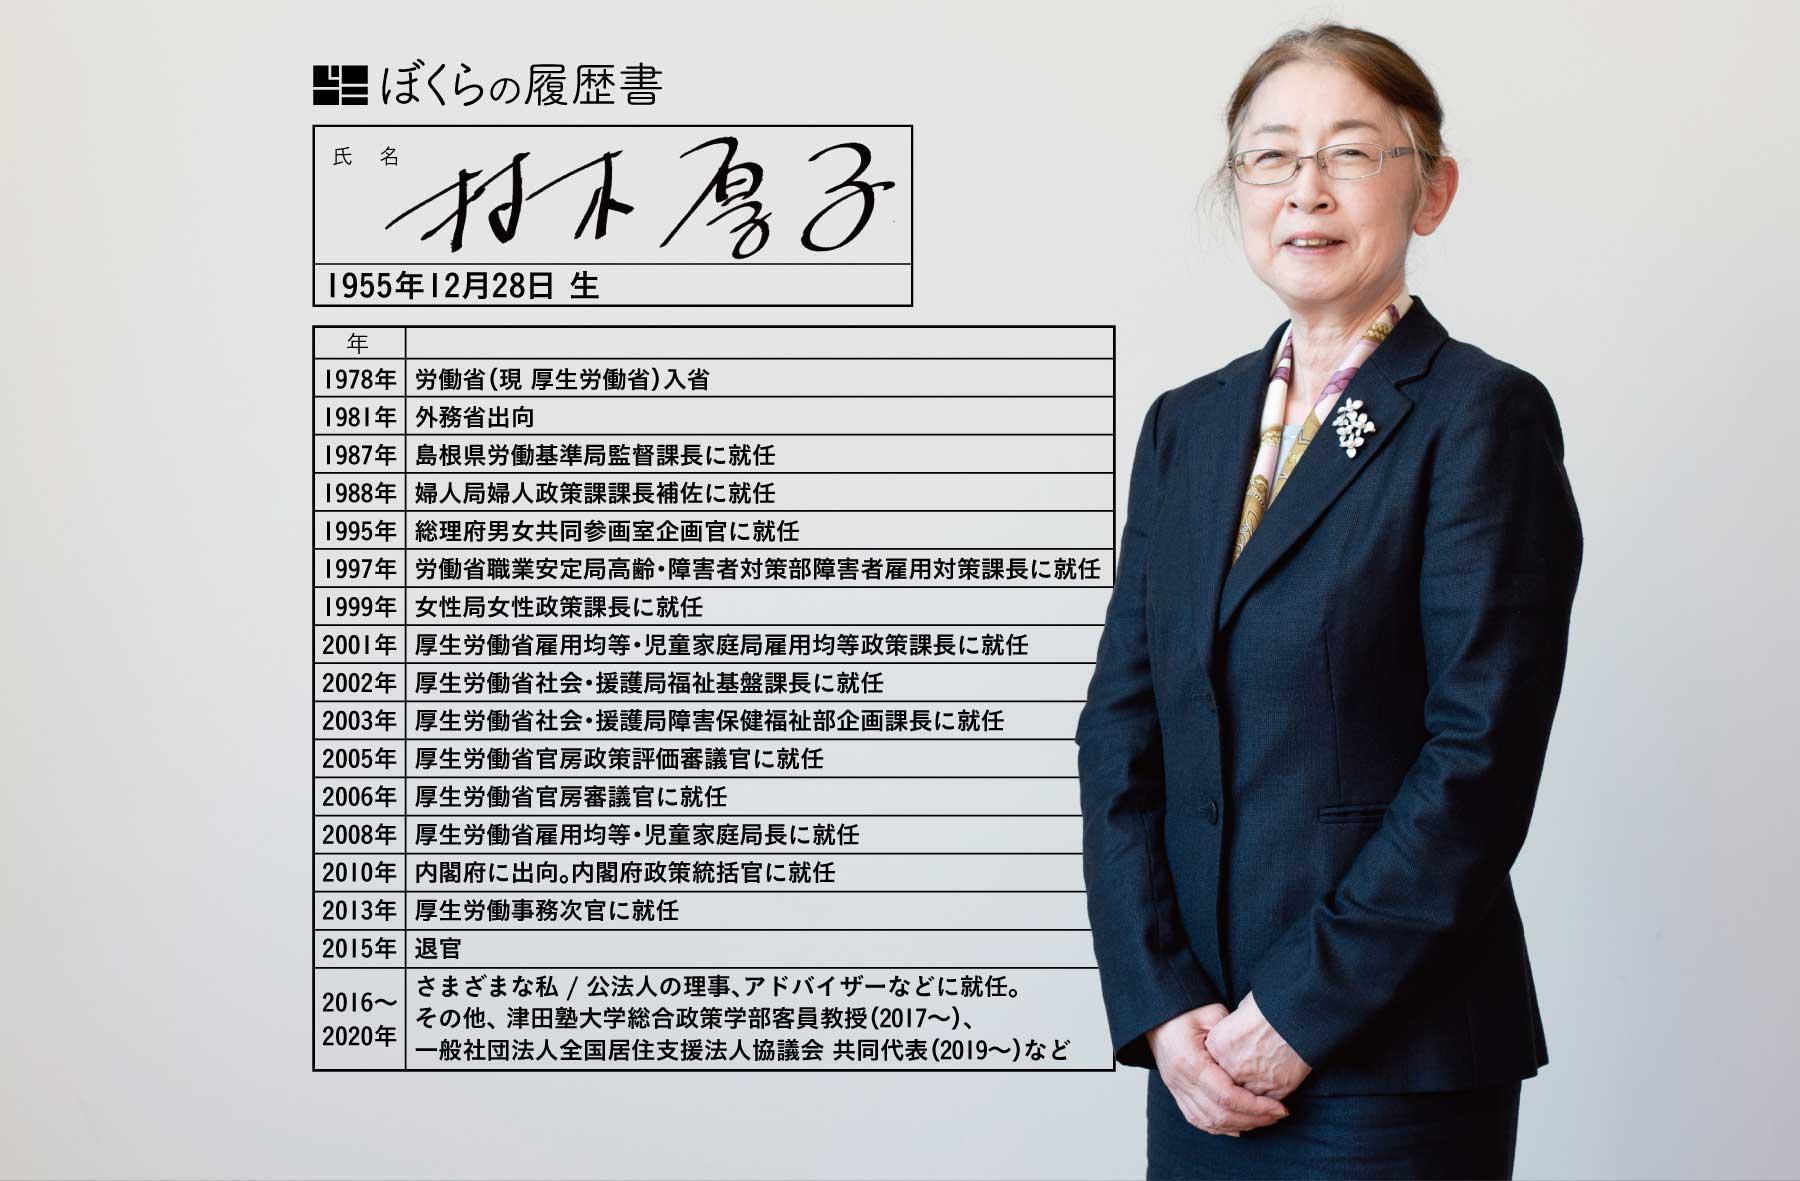 村木厚子さんの履歴書